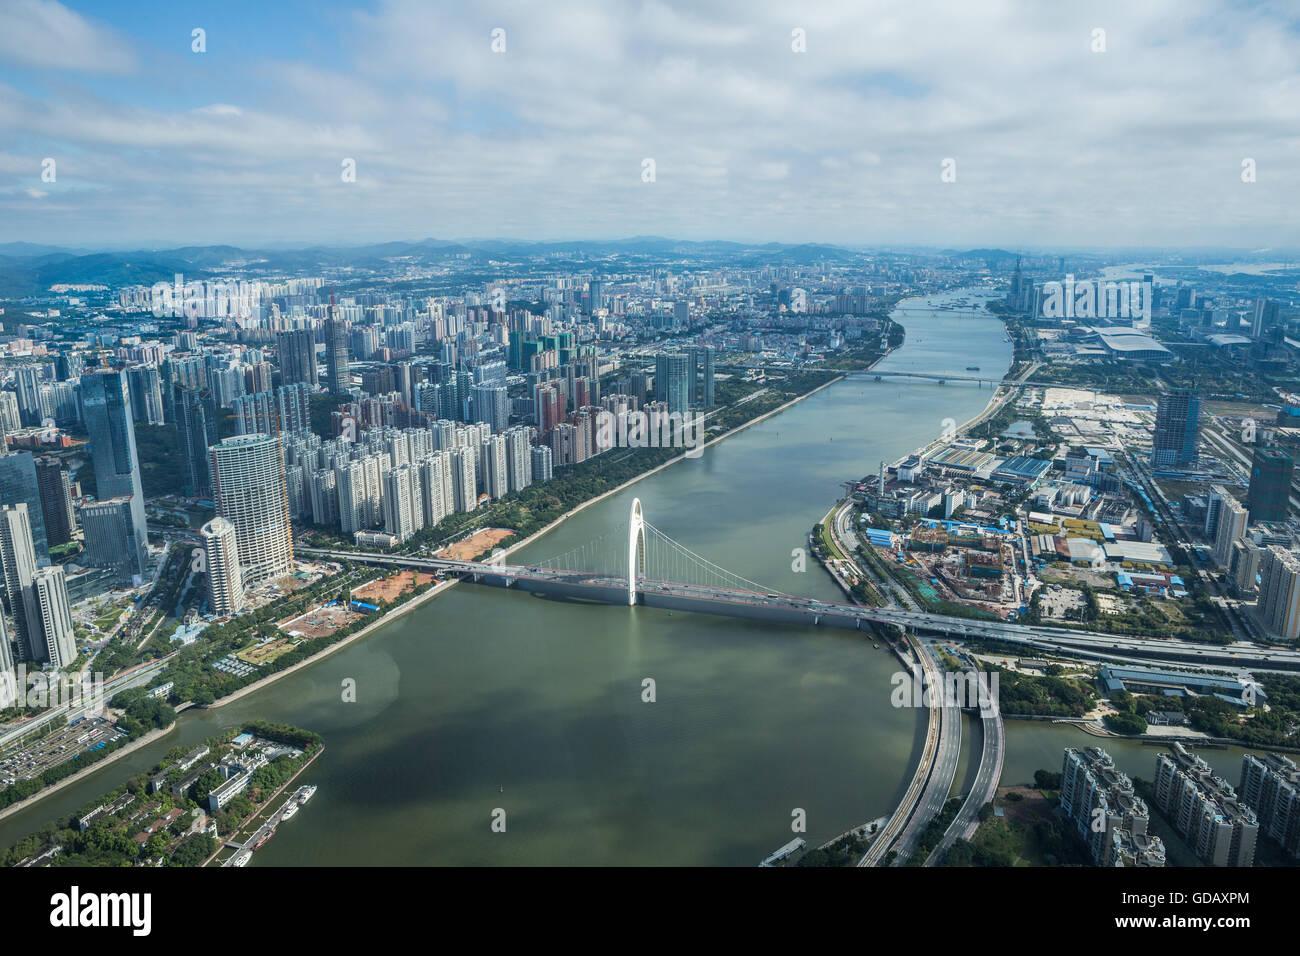 China,Guangdong Province,Guangzhou City,Pearl River,East Guangzhou - Stock Image